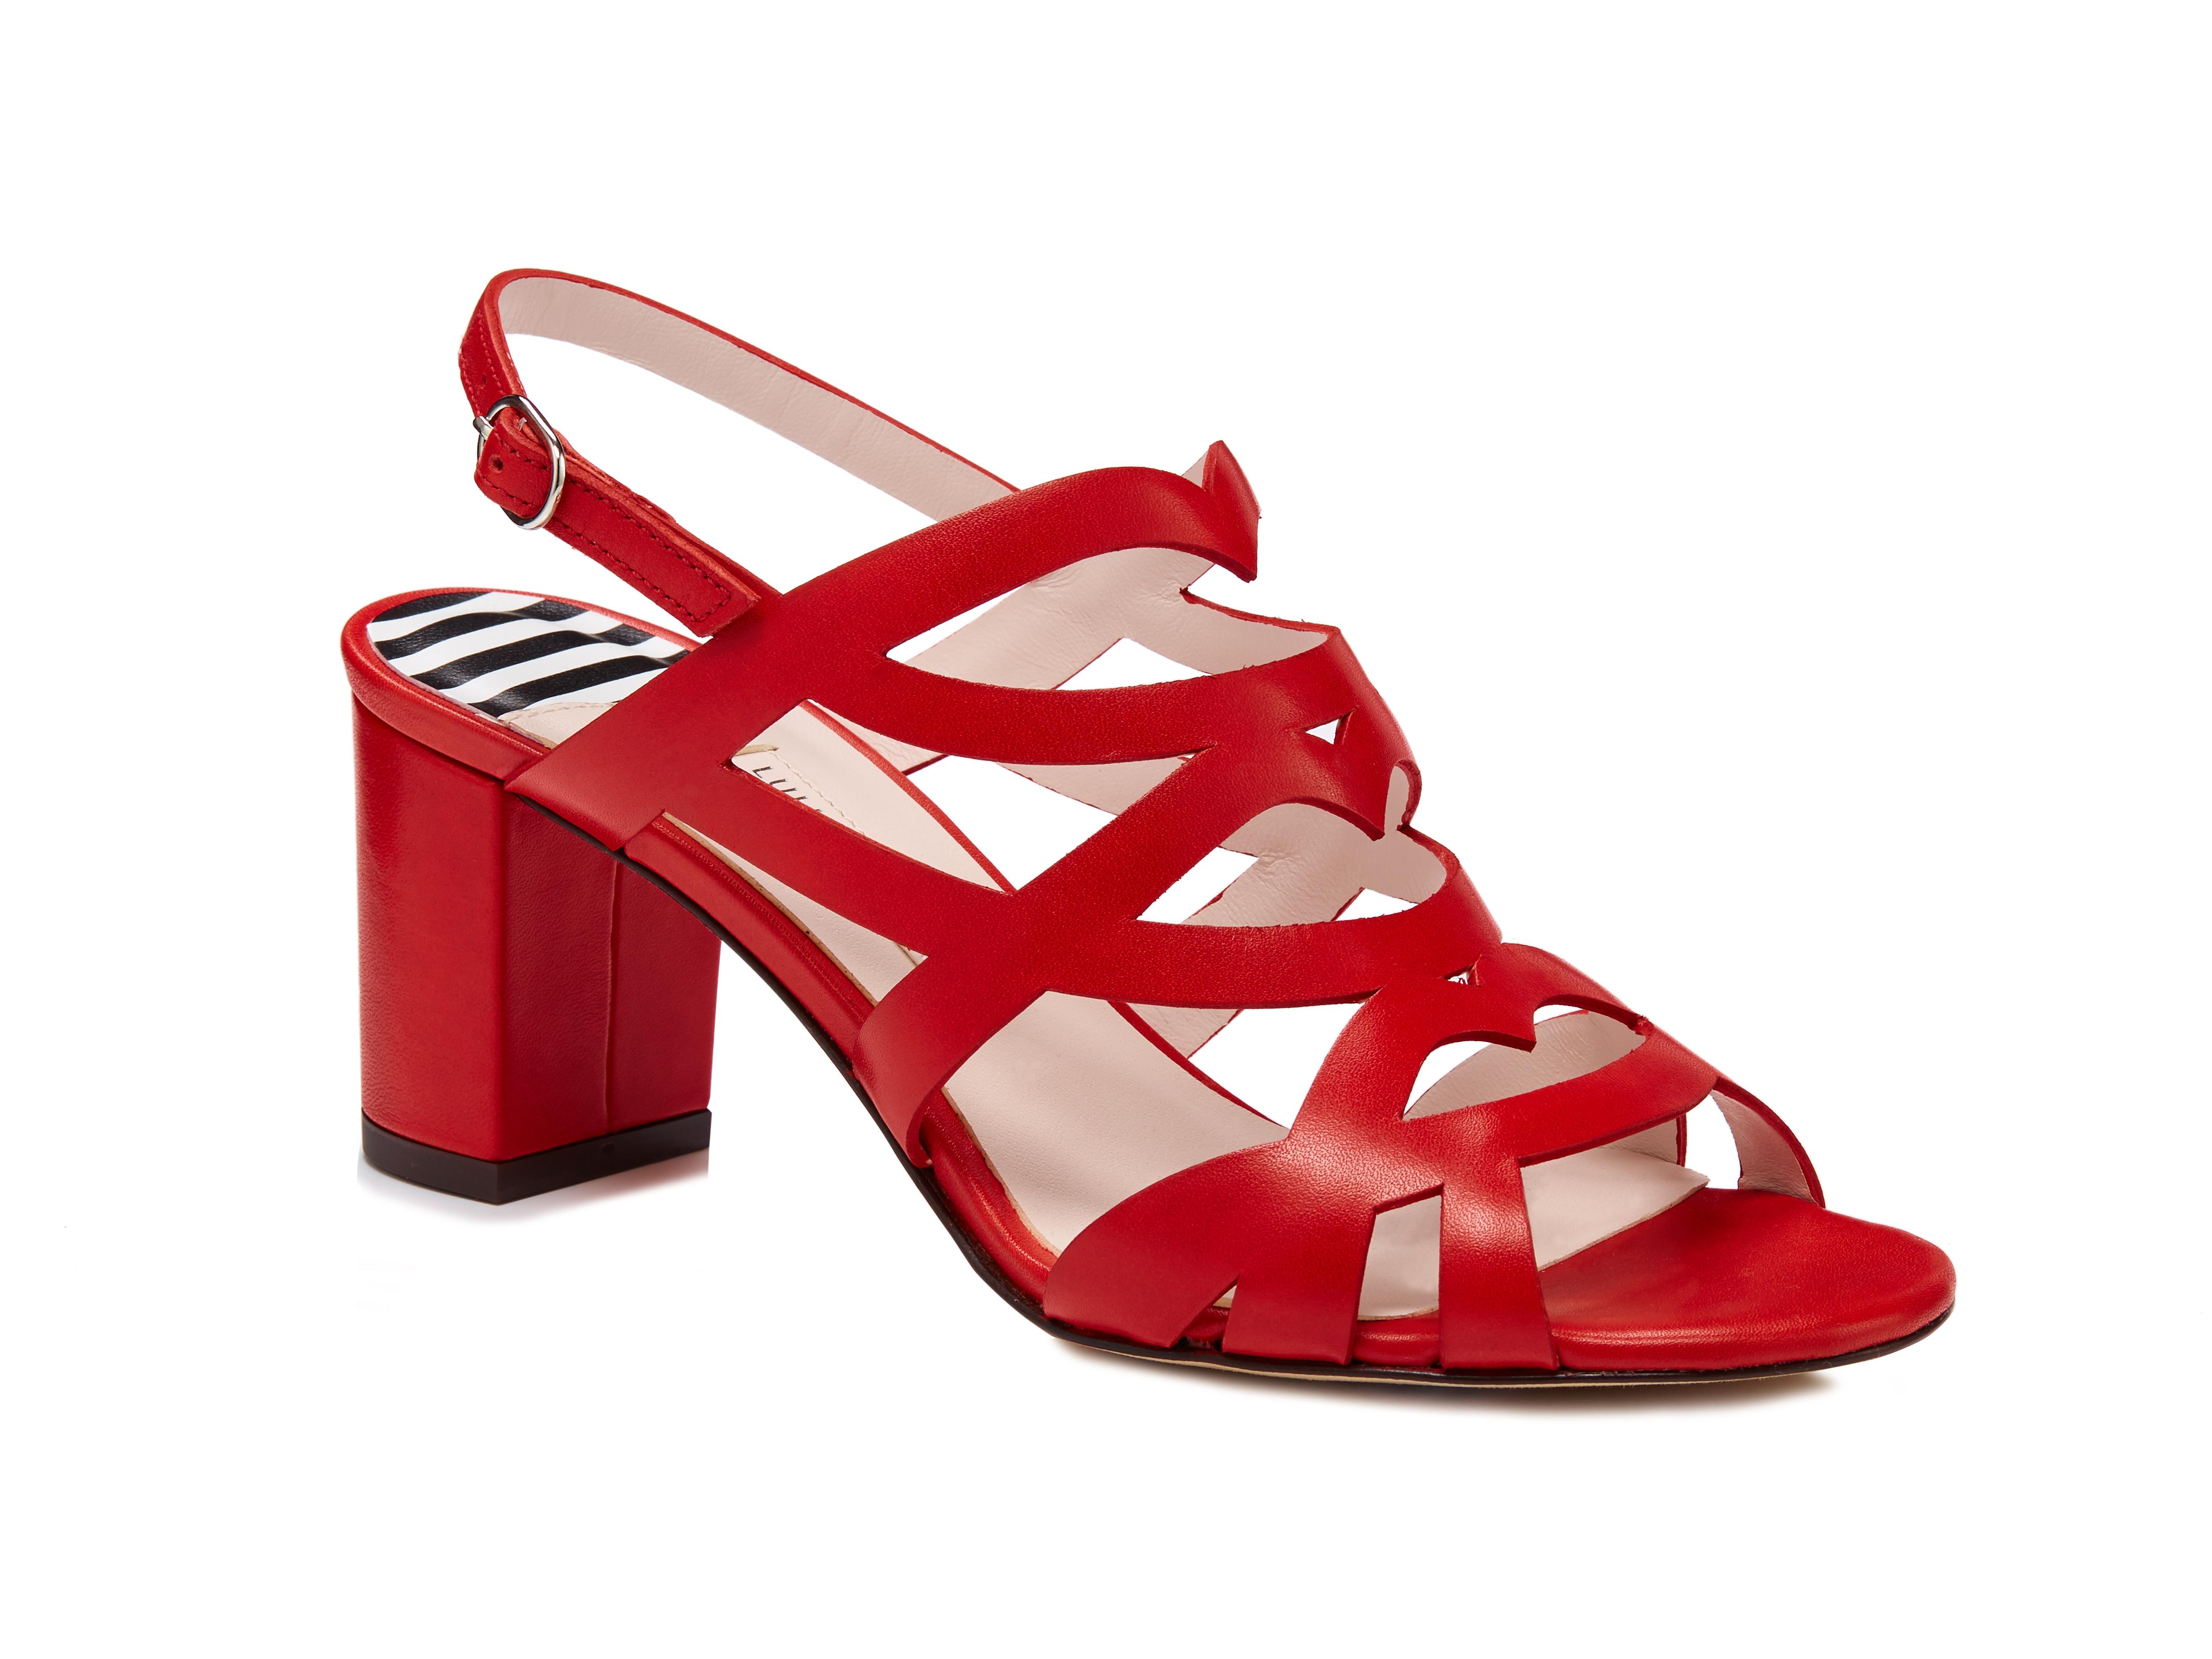 Lulu Guinness Introduces Footwear Line